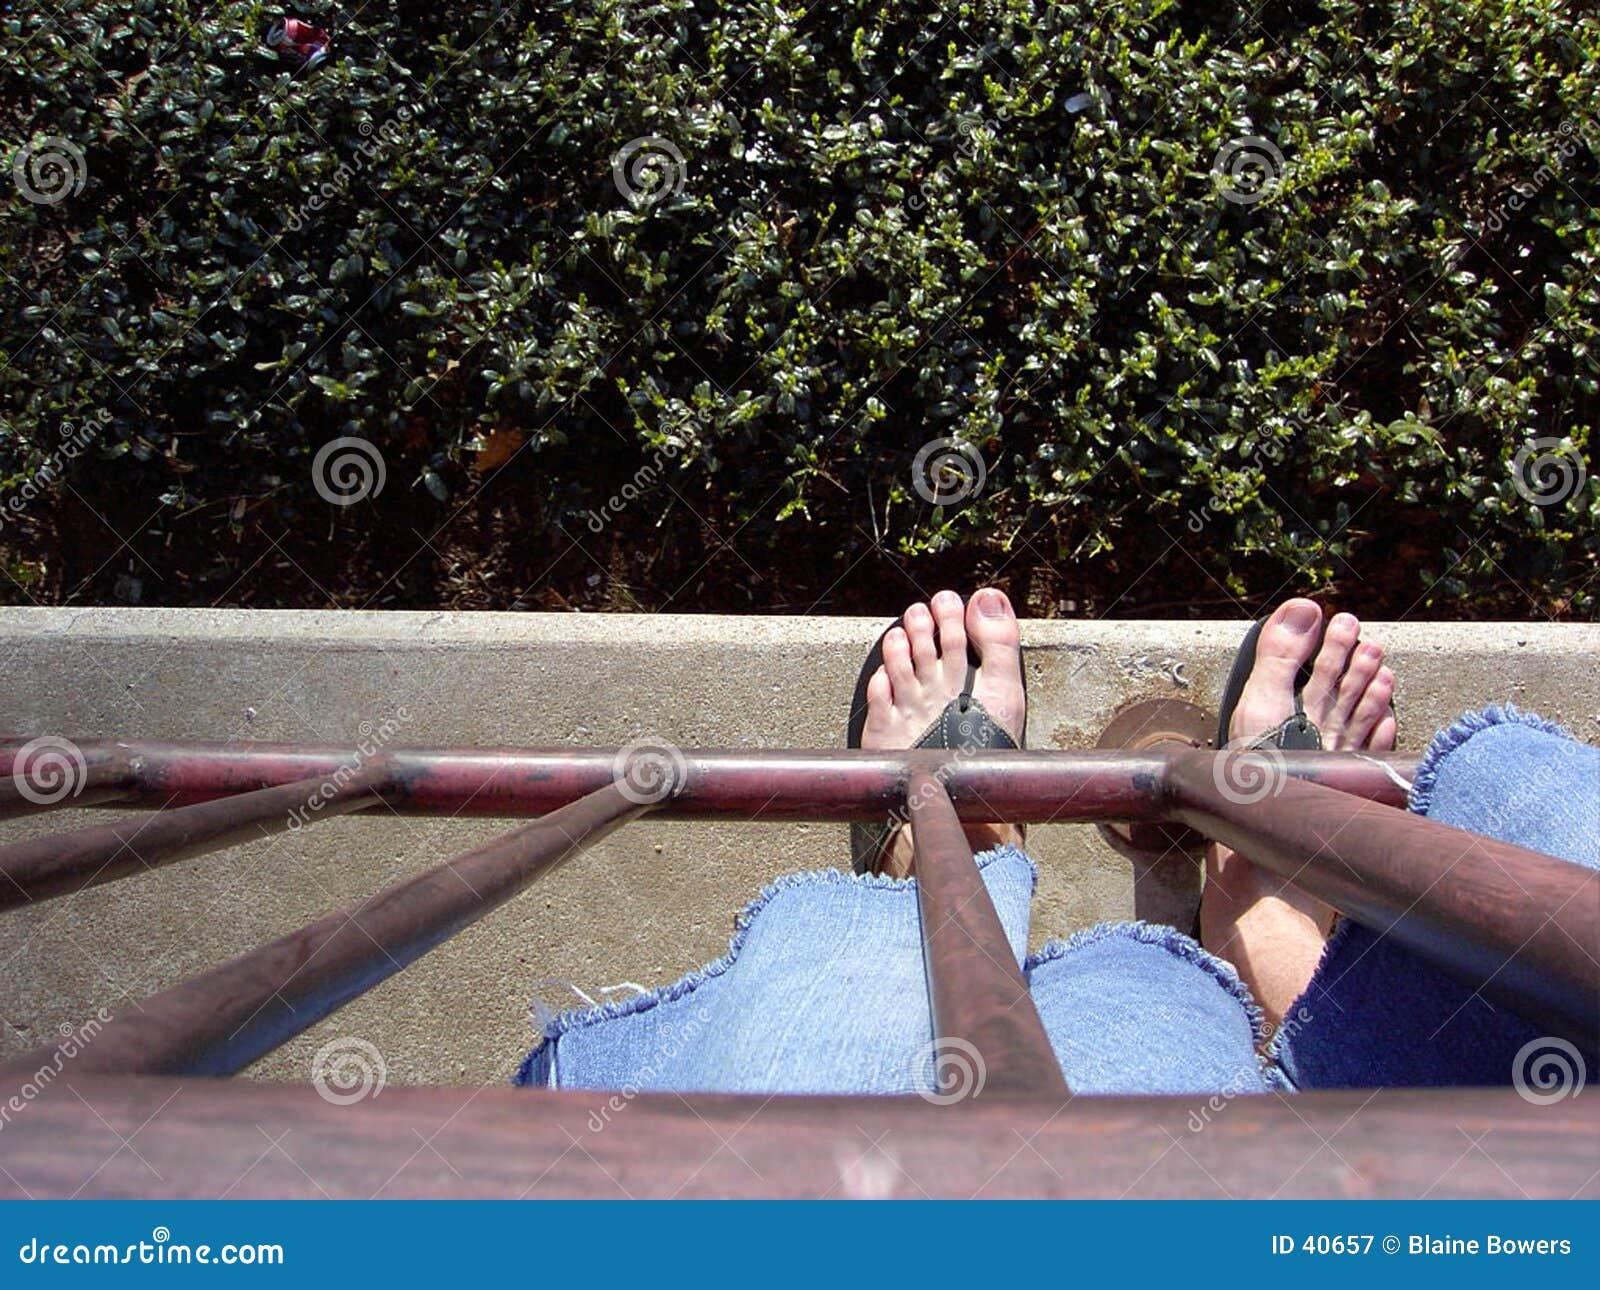 Download Am Rand stockbild. Bild von barfuß, fuß, jeans, unten, blau - 40657